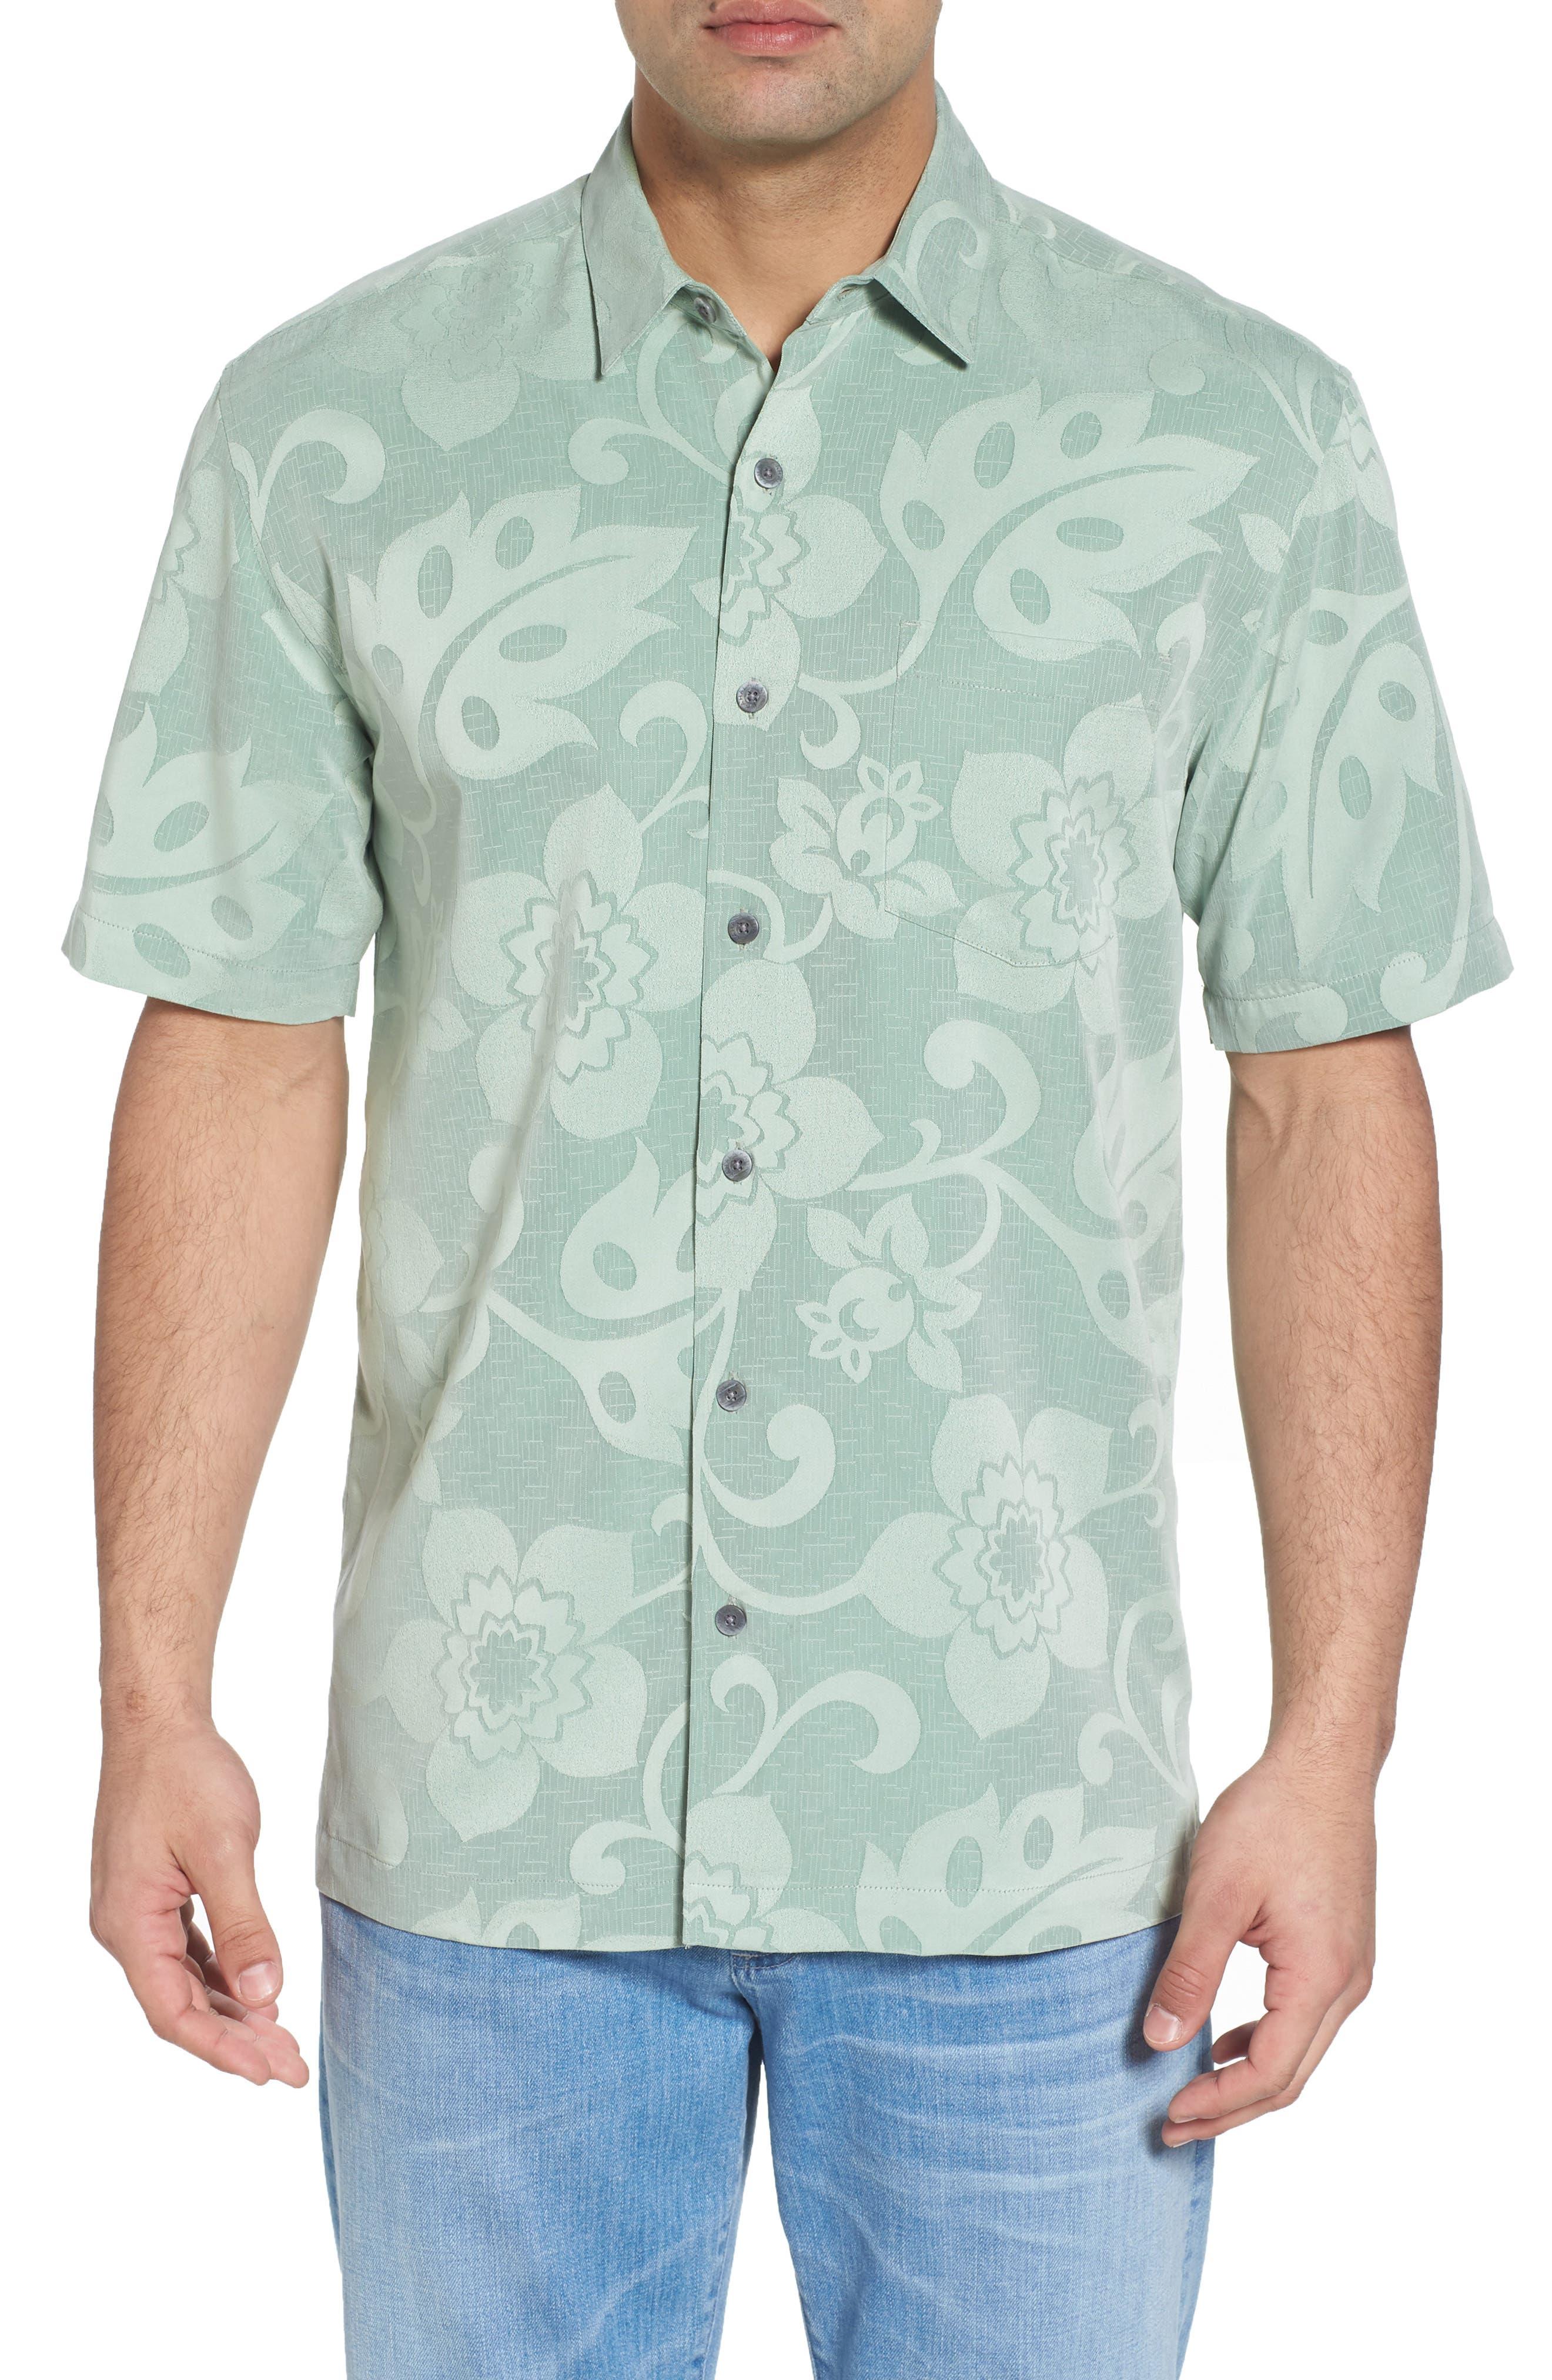 Kalawai Relaxed Fit Camp Shirt,                             Main thumbnail 1, color,                             Green